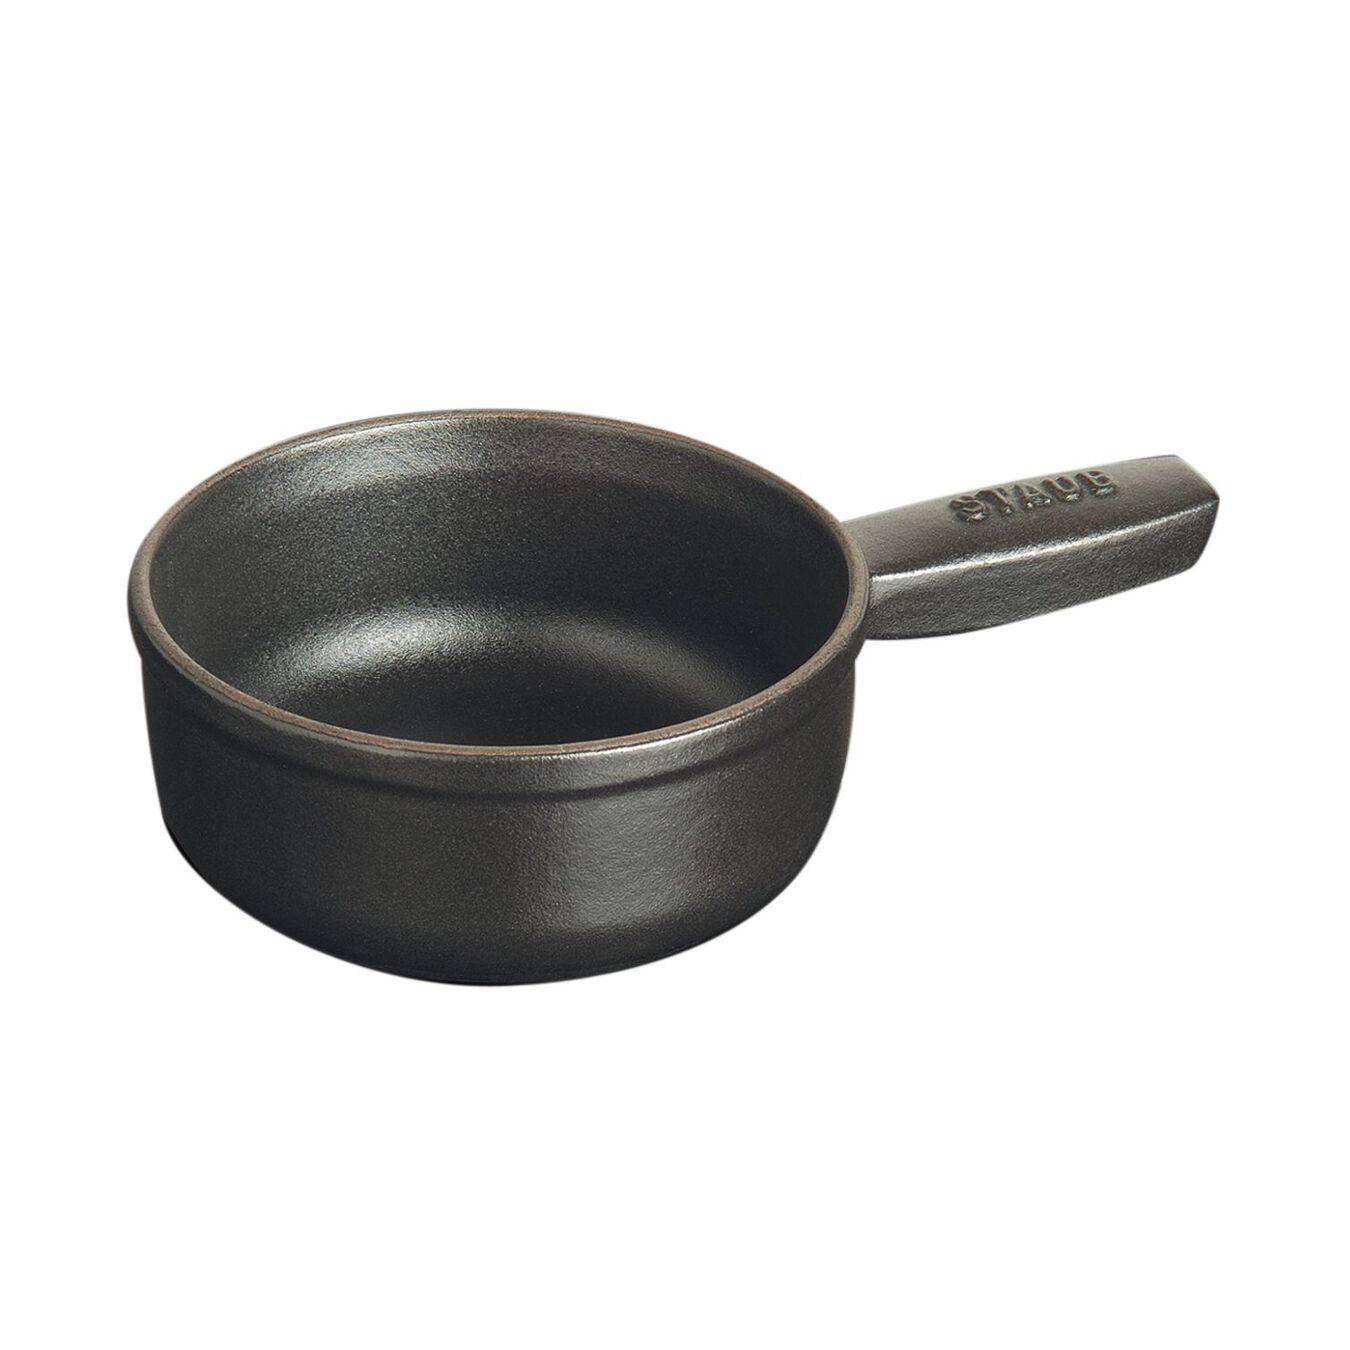 Caquelon à fondue 12 cm, Noir,,large 3